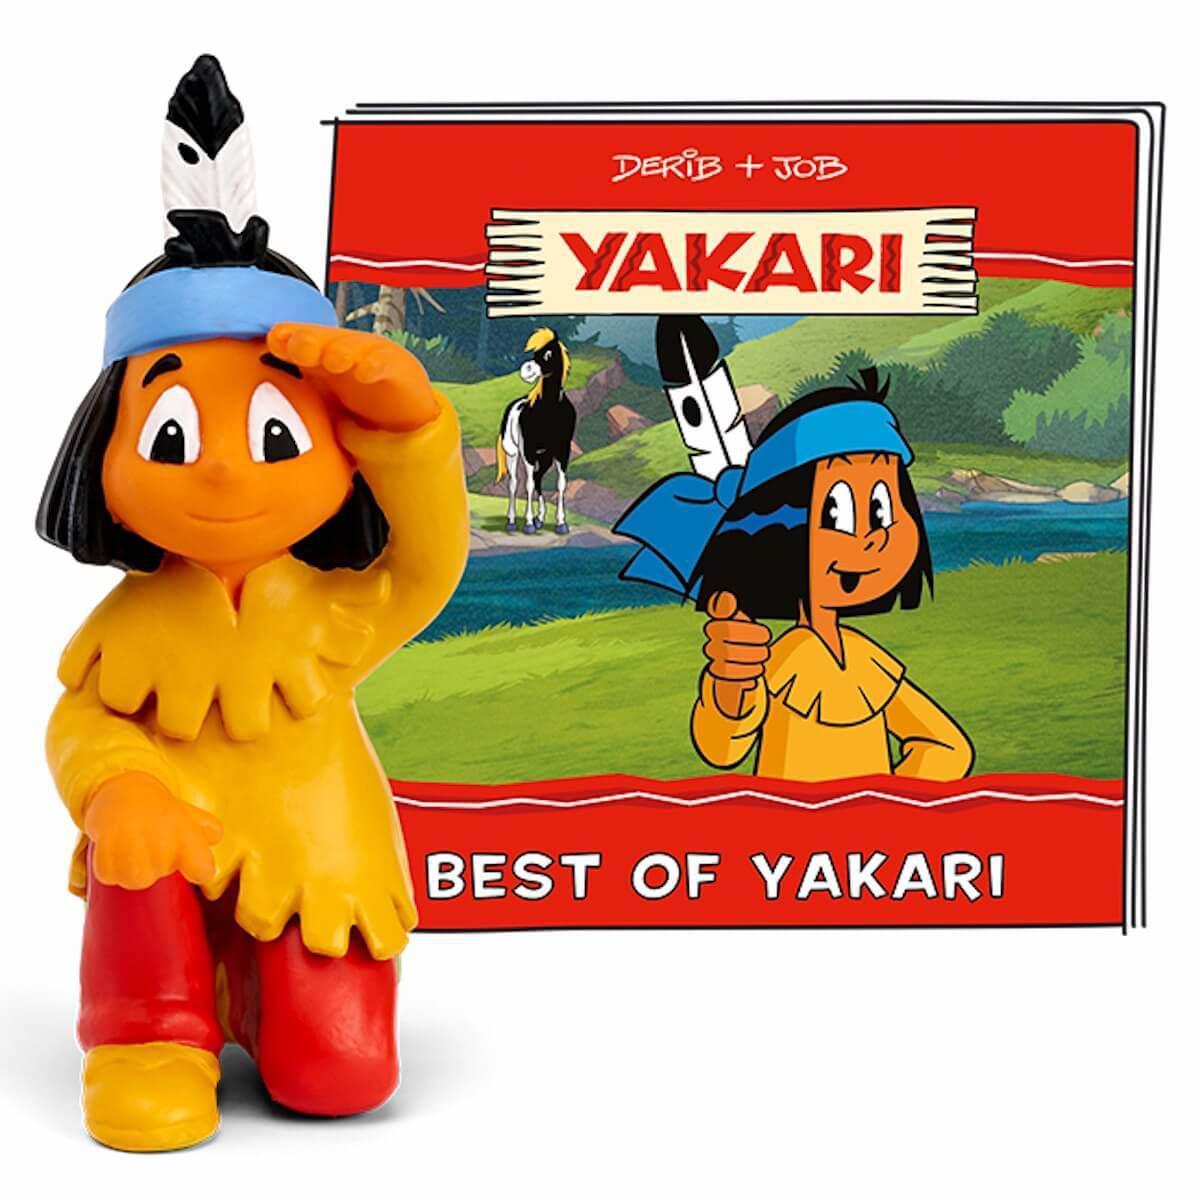 Hörspielfigur TONIES Yakari Best of Yakari